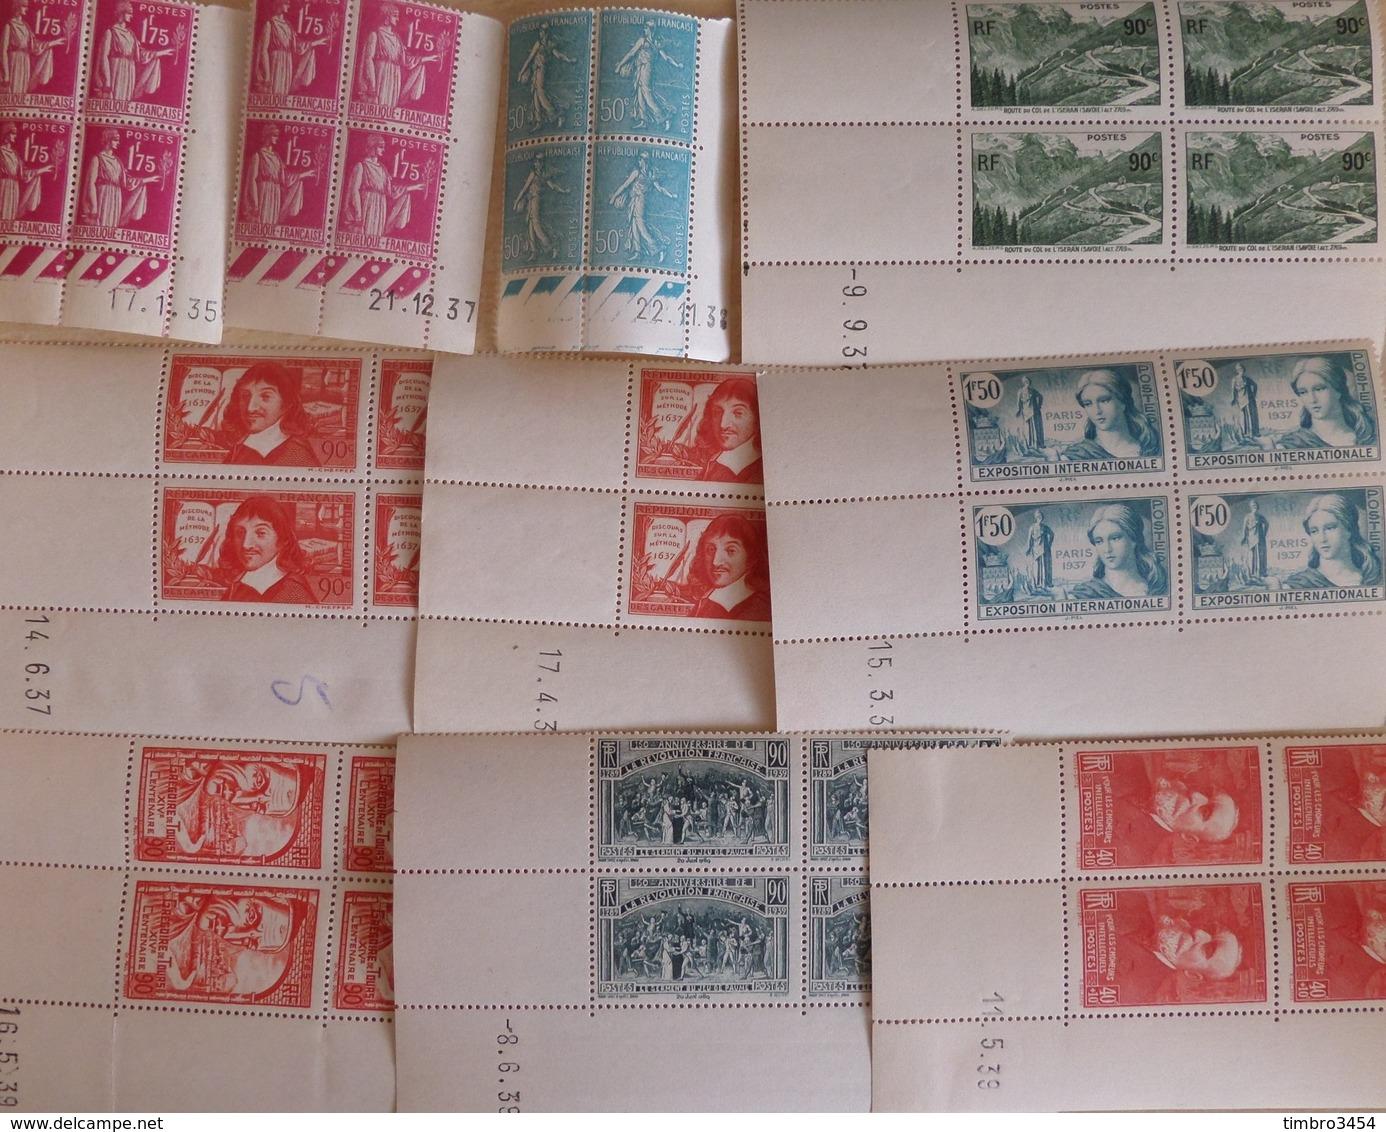 France Belle Collection De 25 Blocs De 4 Coins Datés **/*/obl 1935/1940. Bonnes Valeurs. B/TB. A Saisir! - Dated Corners